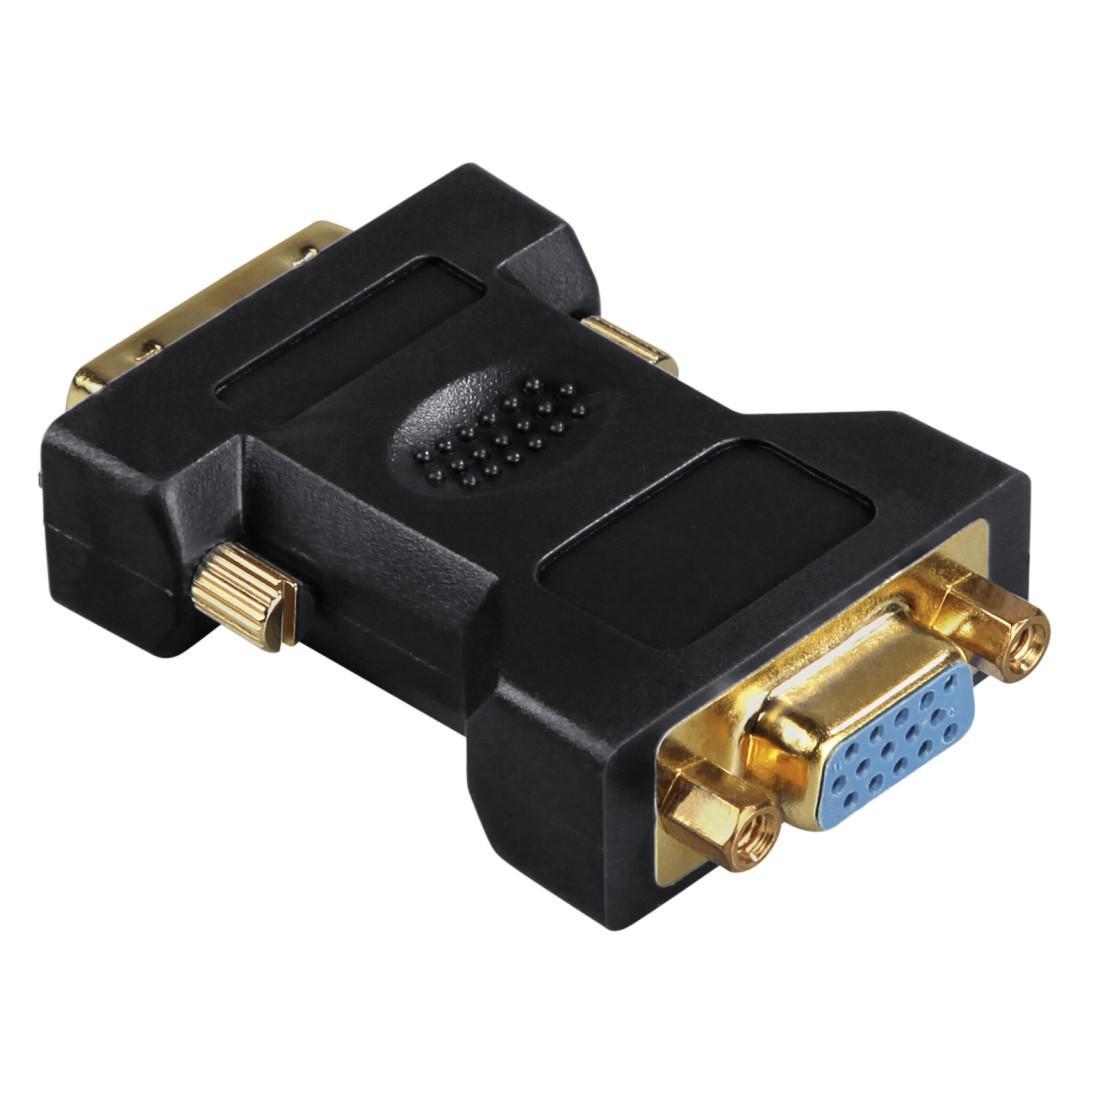 Адаптер HAMA 45073 DVI мъжко - VGA женско, Позлатени конектори, 3 звезди